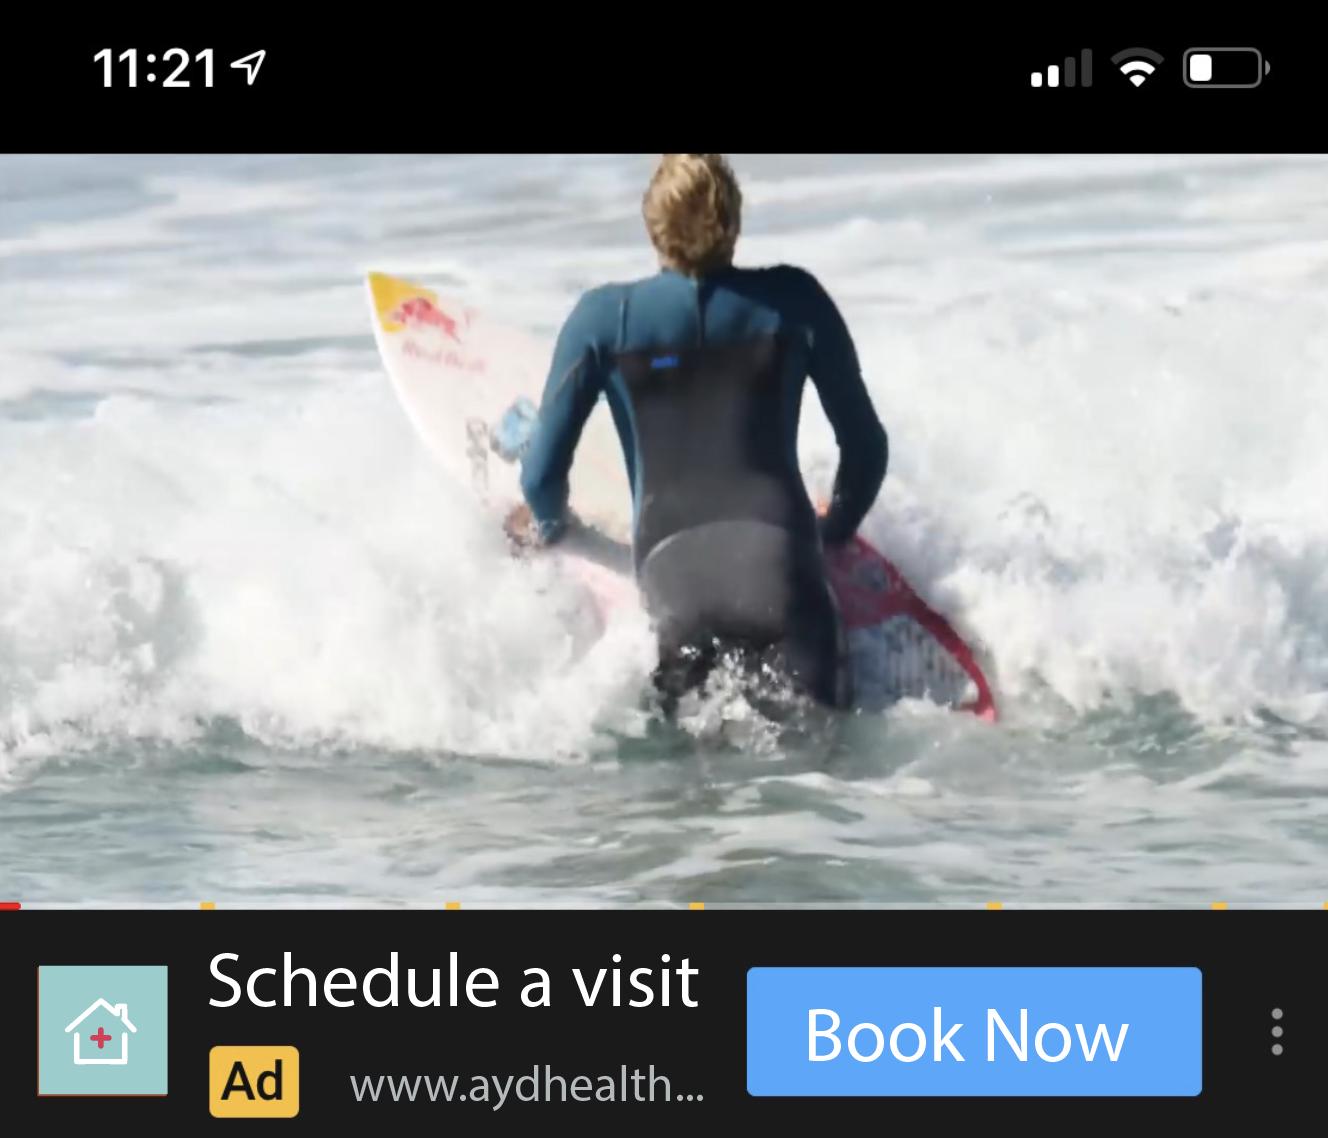 Screen Shot 2019-08-20 at 11.25.09 PM.png